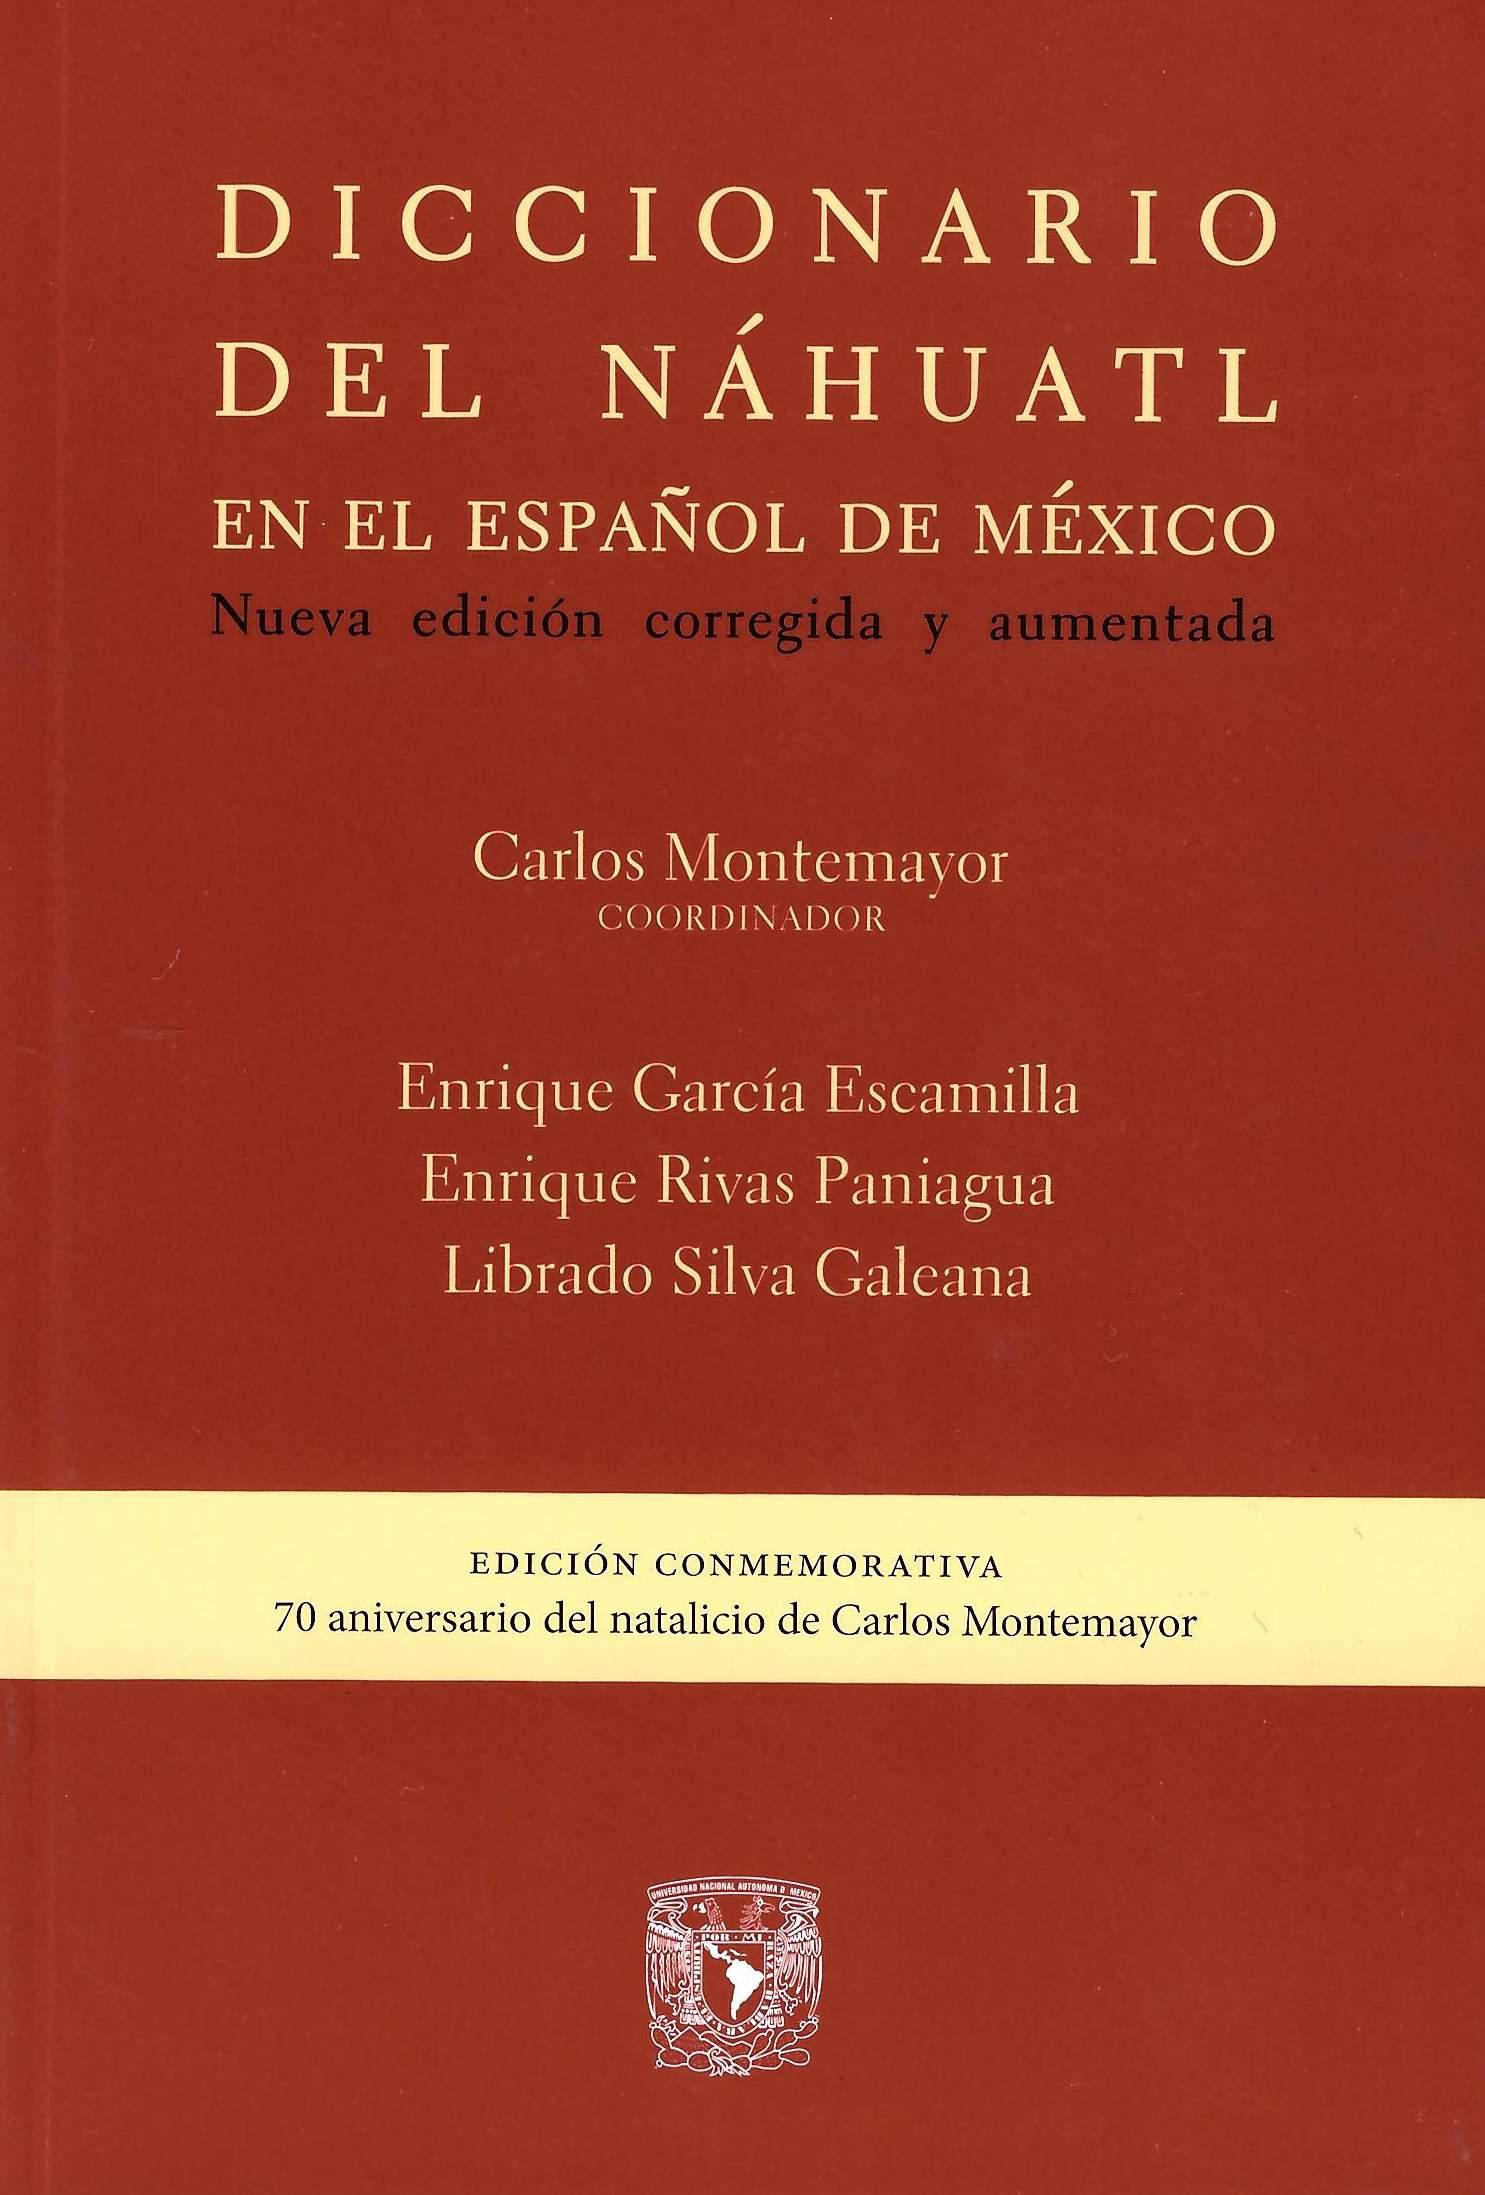 Diccionario del náhuatl en el español de México (rústico)